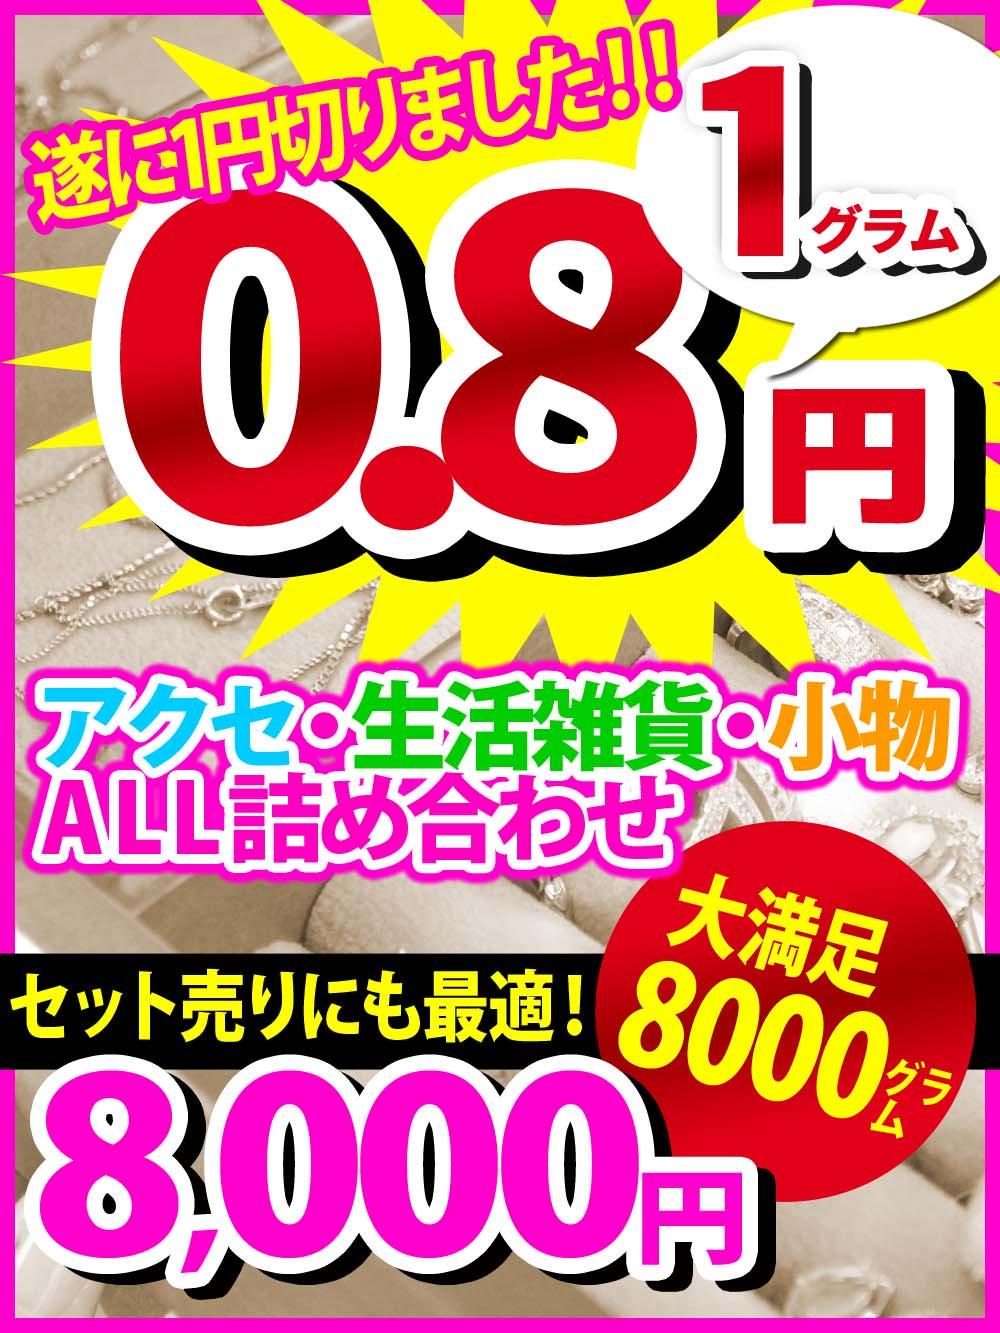 【セット売りに最適】アクセ生活雑貨小物何でも詰め合わせ1g★0.8円【計8kg】